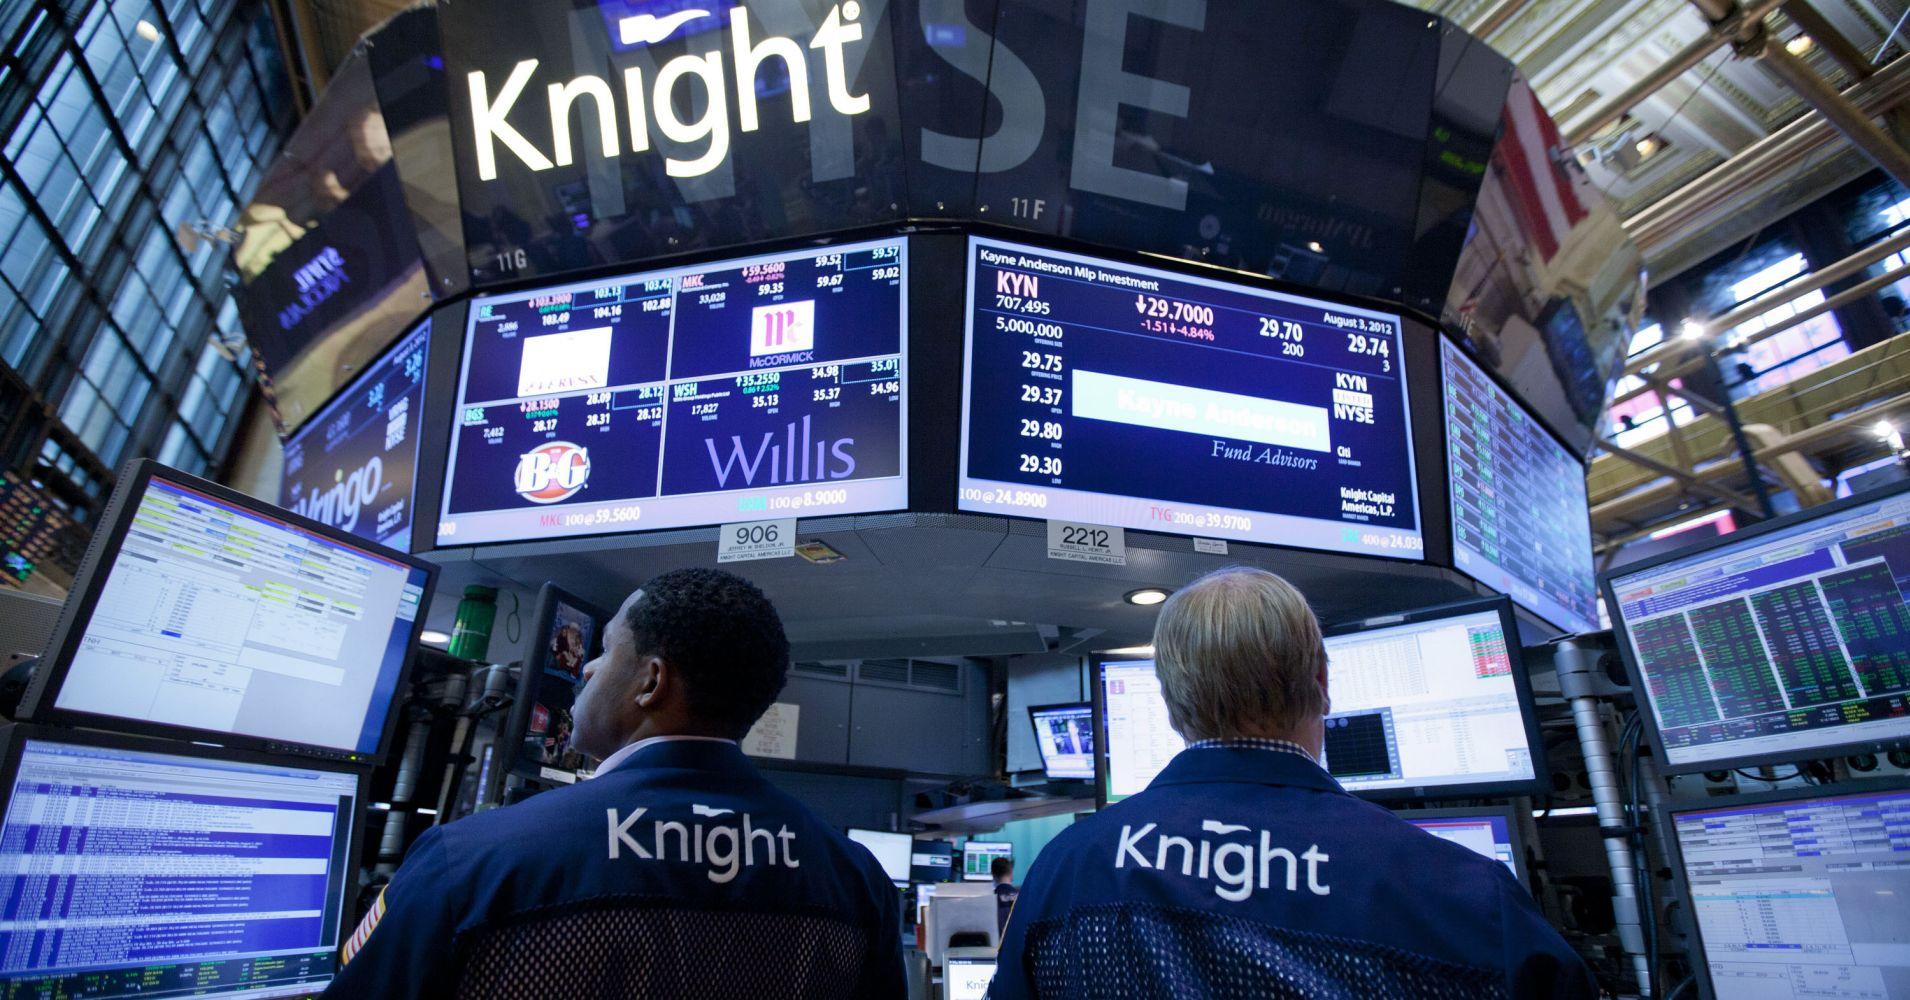 骑士资本高频交易系统事故案例分析